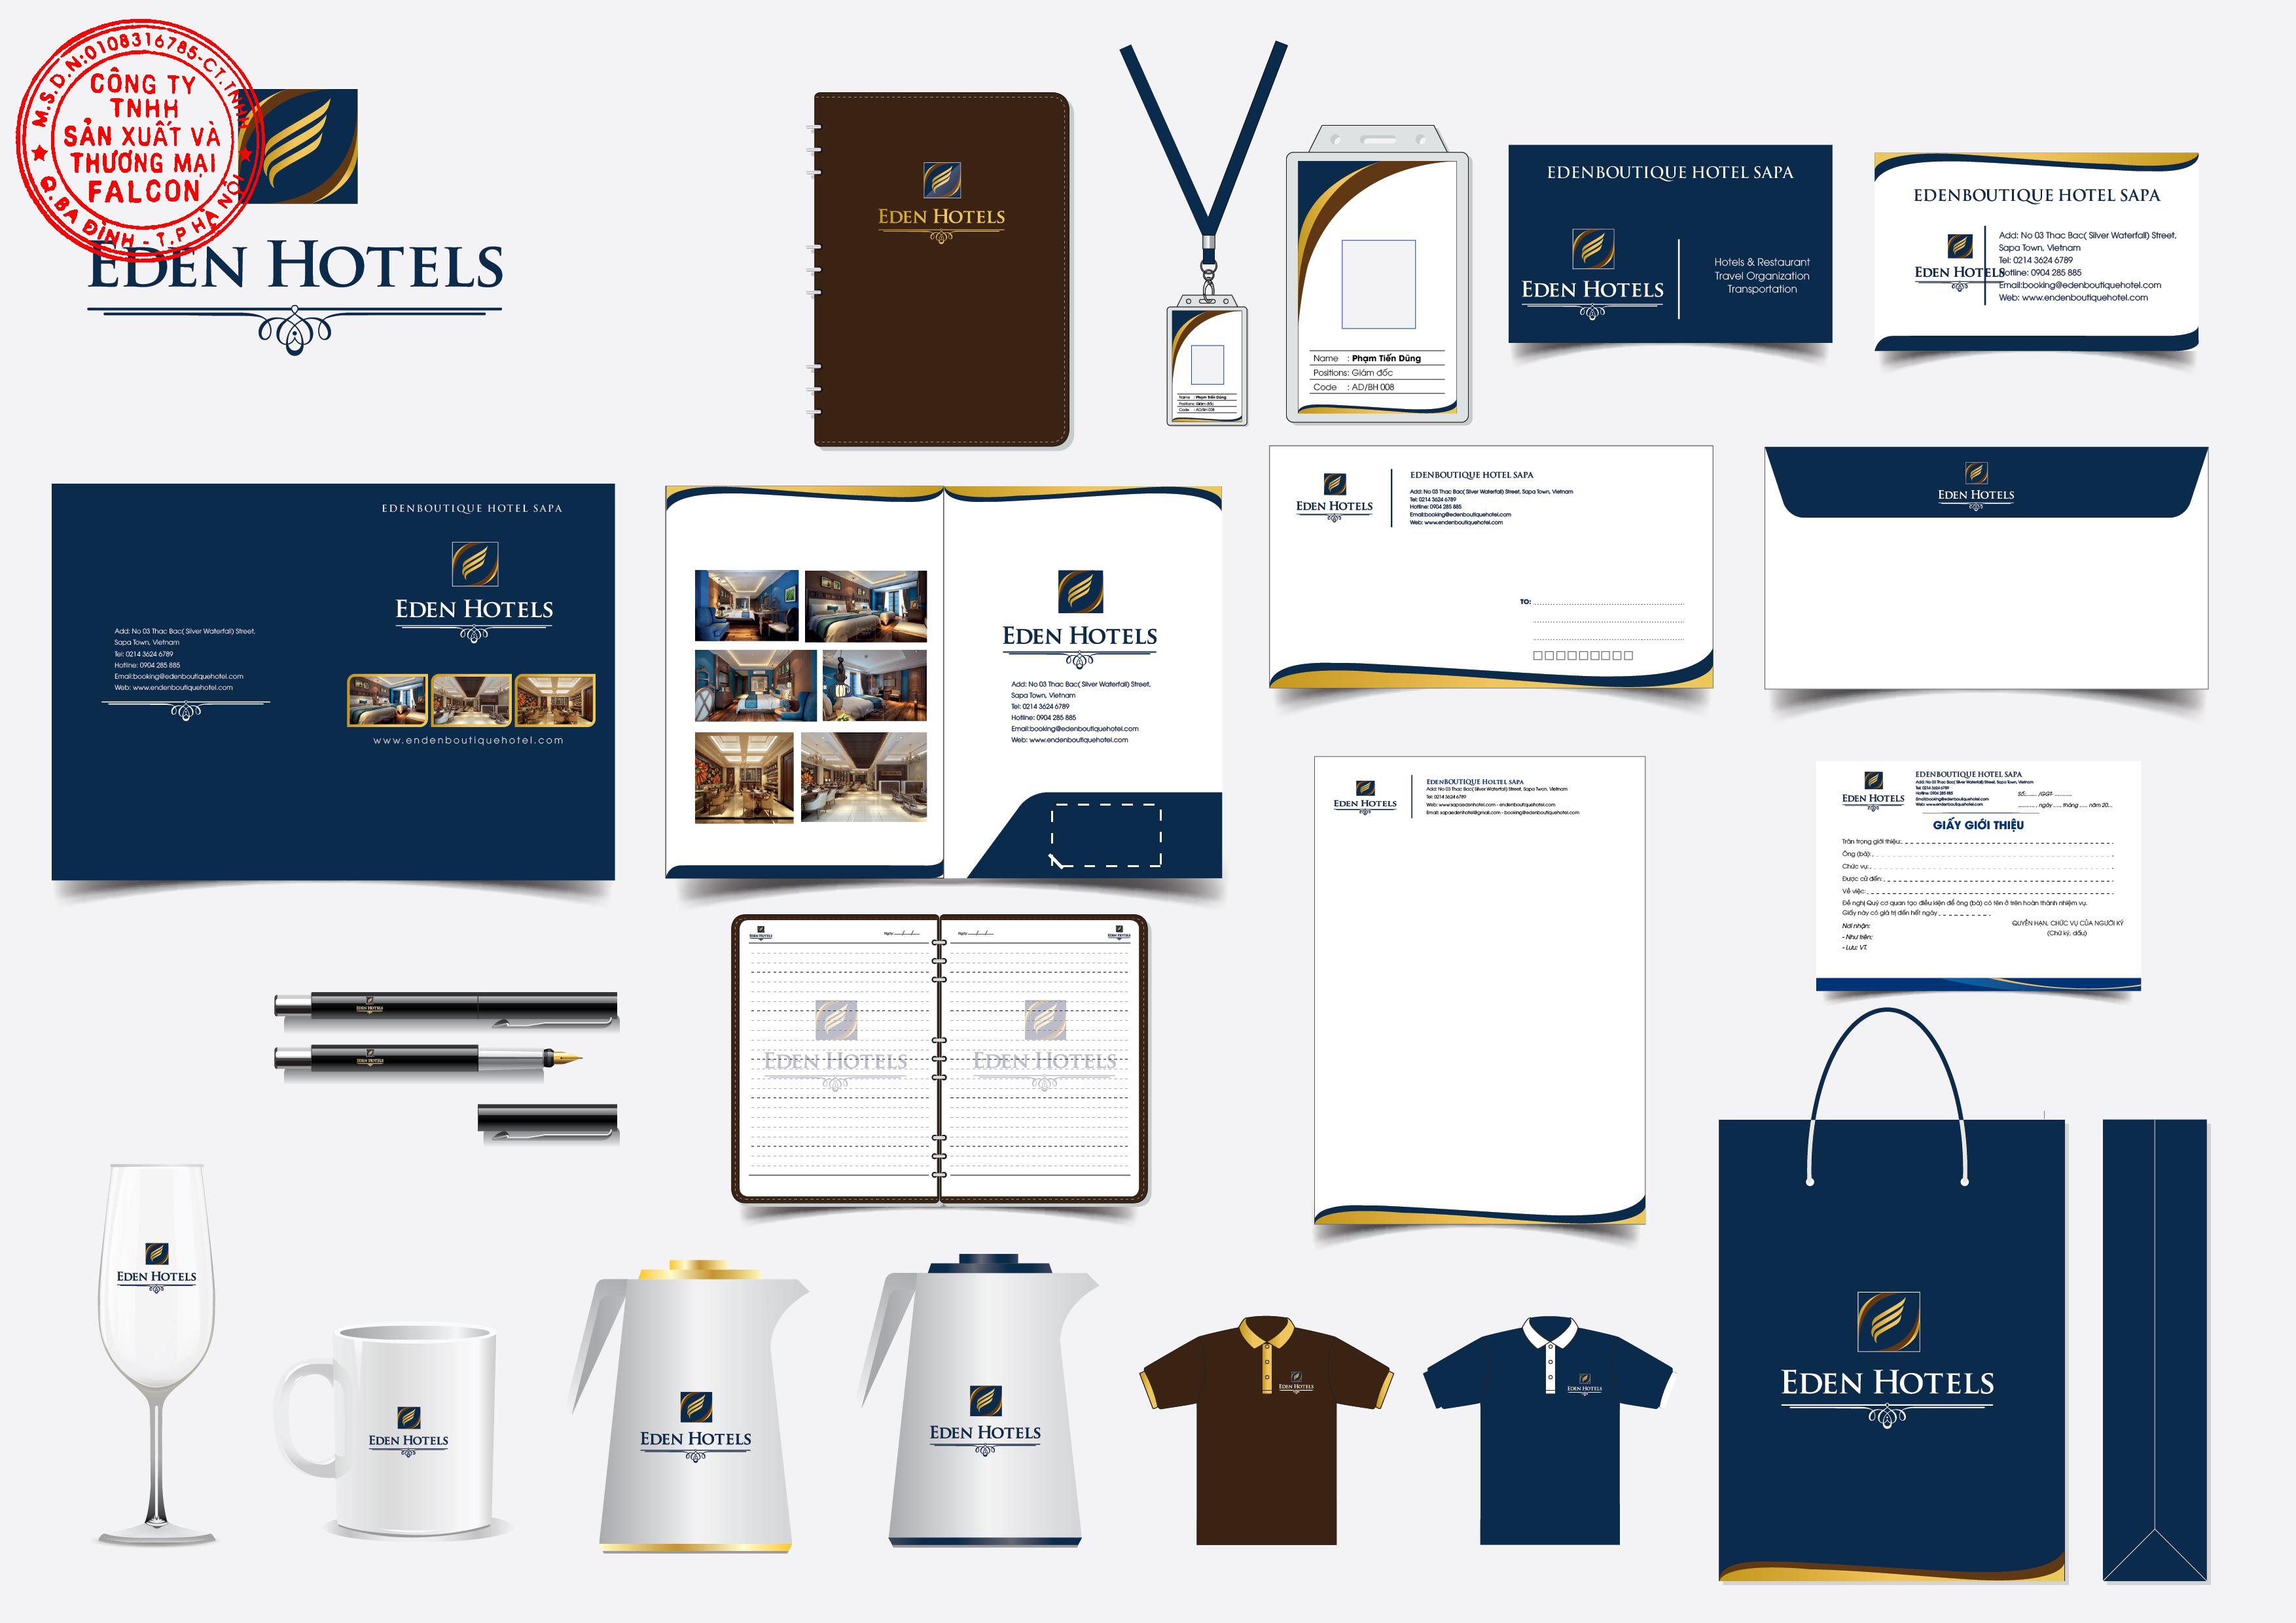 Thiết kế in ấn logo thương hiệu khách sạn theo yêu cầu